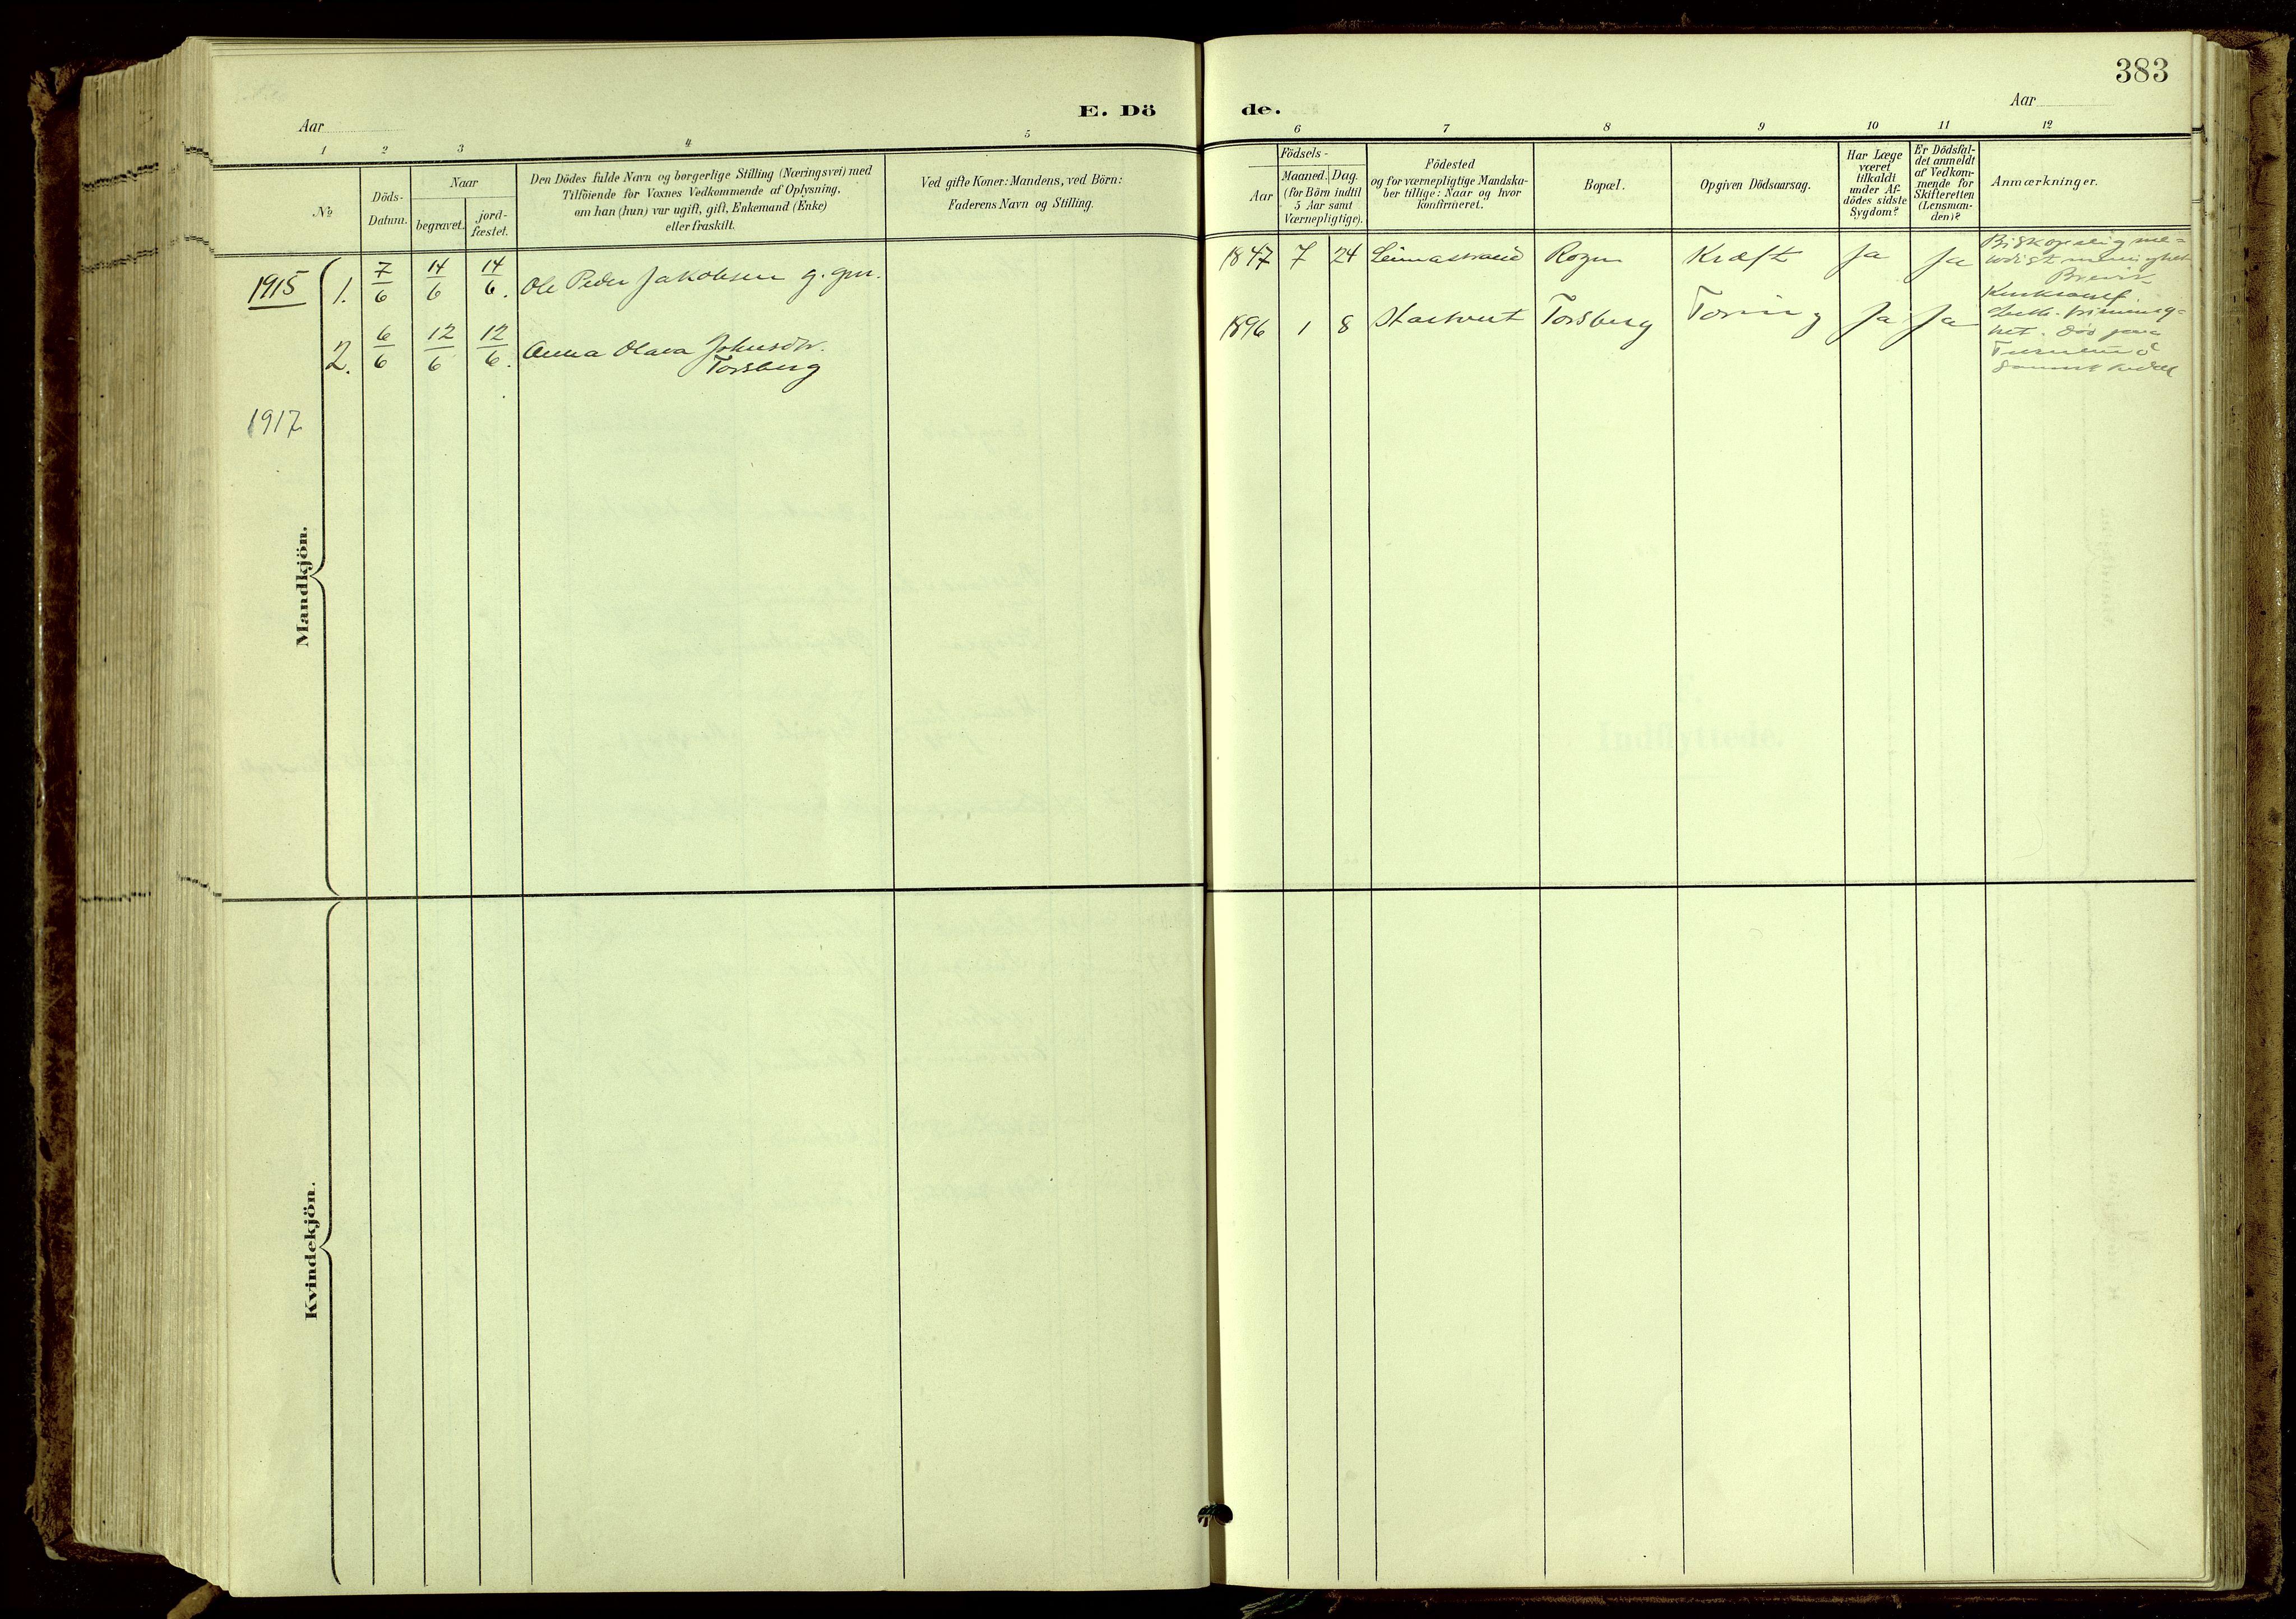 SAKO, Bamble kirkebøker, G/Ga/L0010: Klokkerbok nr. I 10, 1901-1919, s. 383